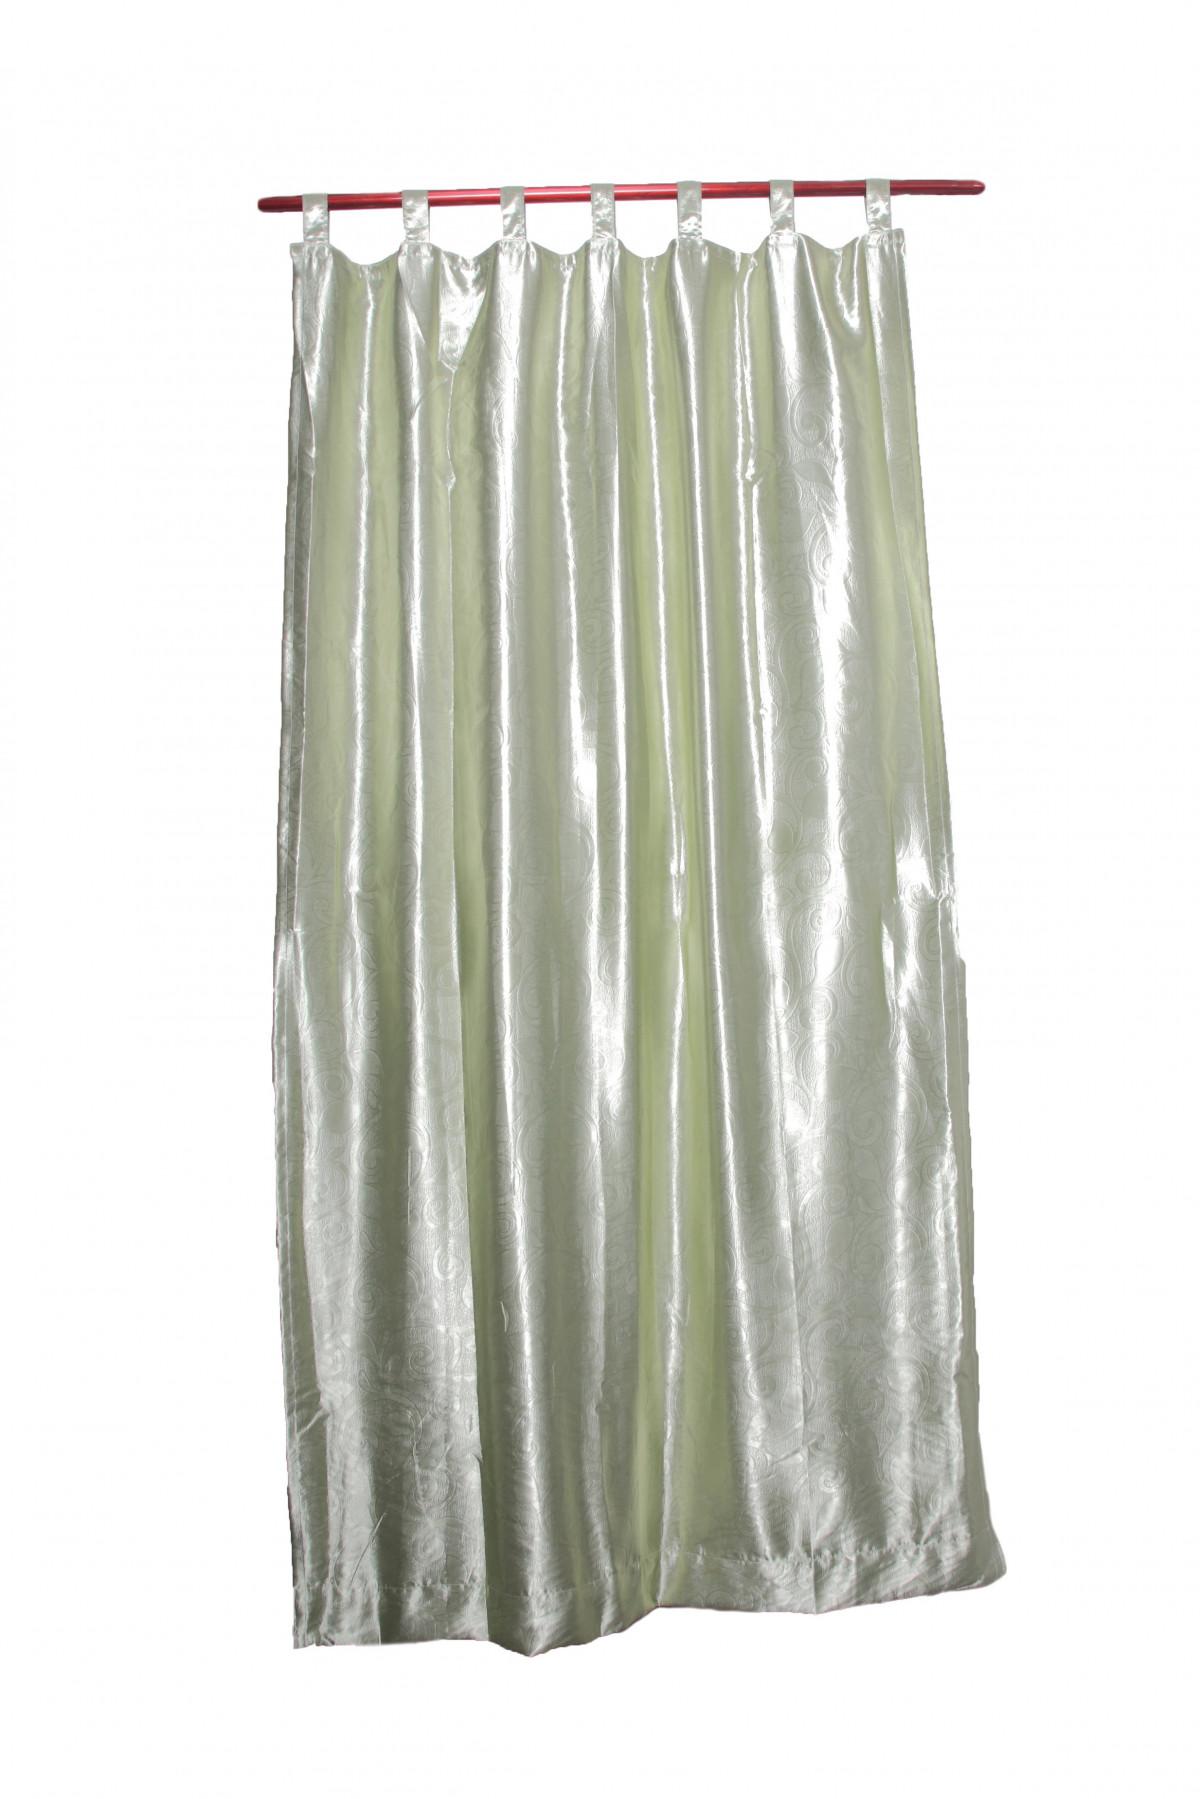 images gratuites rideau mat riel design d 39 int rieur produit textile angie rideaux. Black Bedroom Furniture Sets. Home Design Ideas